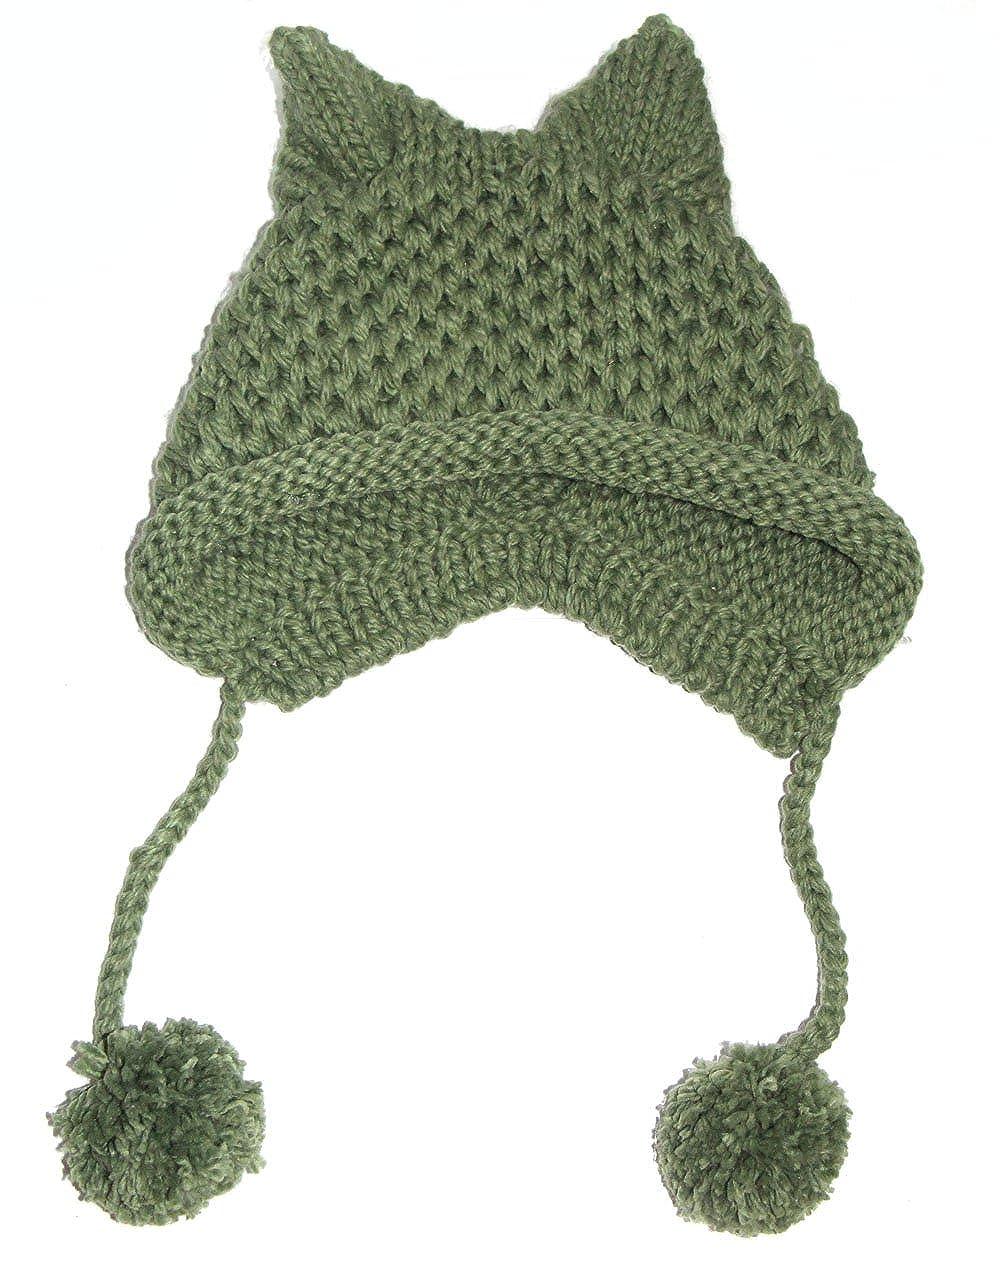 BIBITIME Women\'s Hat Cat Ear Crochet Braided Knit Caps Warm ...